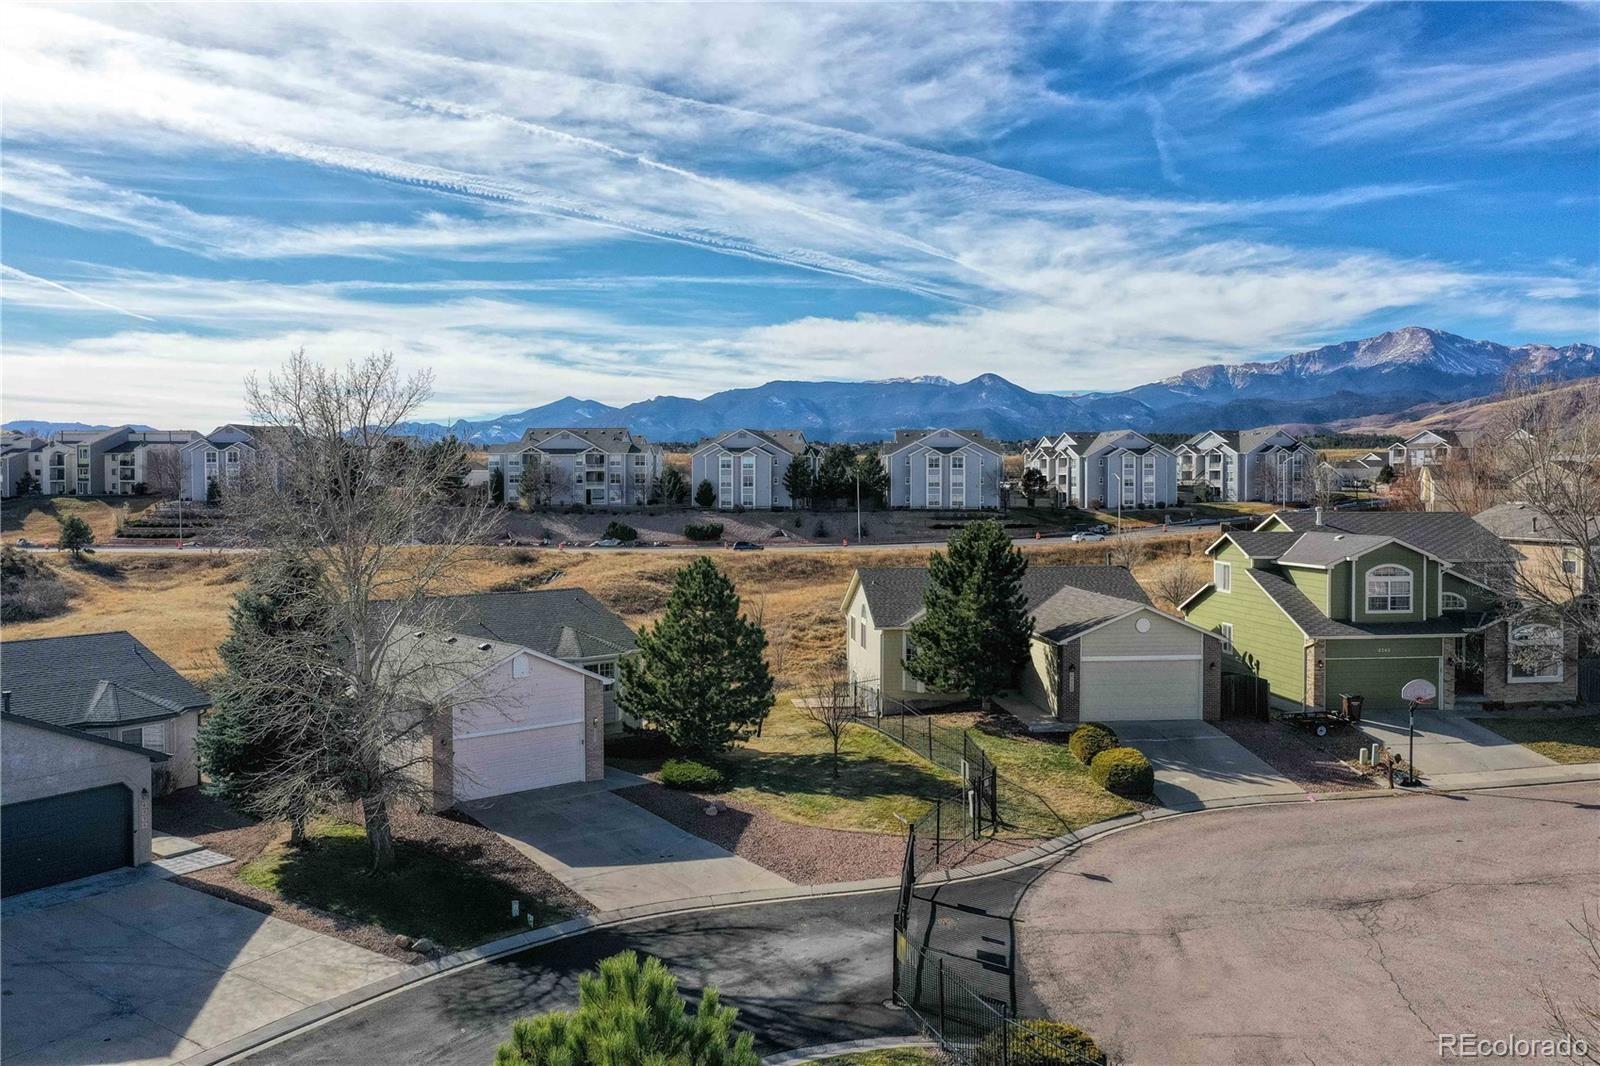 MLS# 5664422 - 3 - 6265 Retreat Point, Colorado Springs, CO 80919